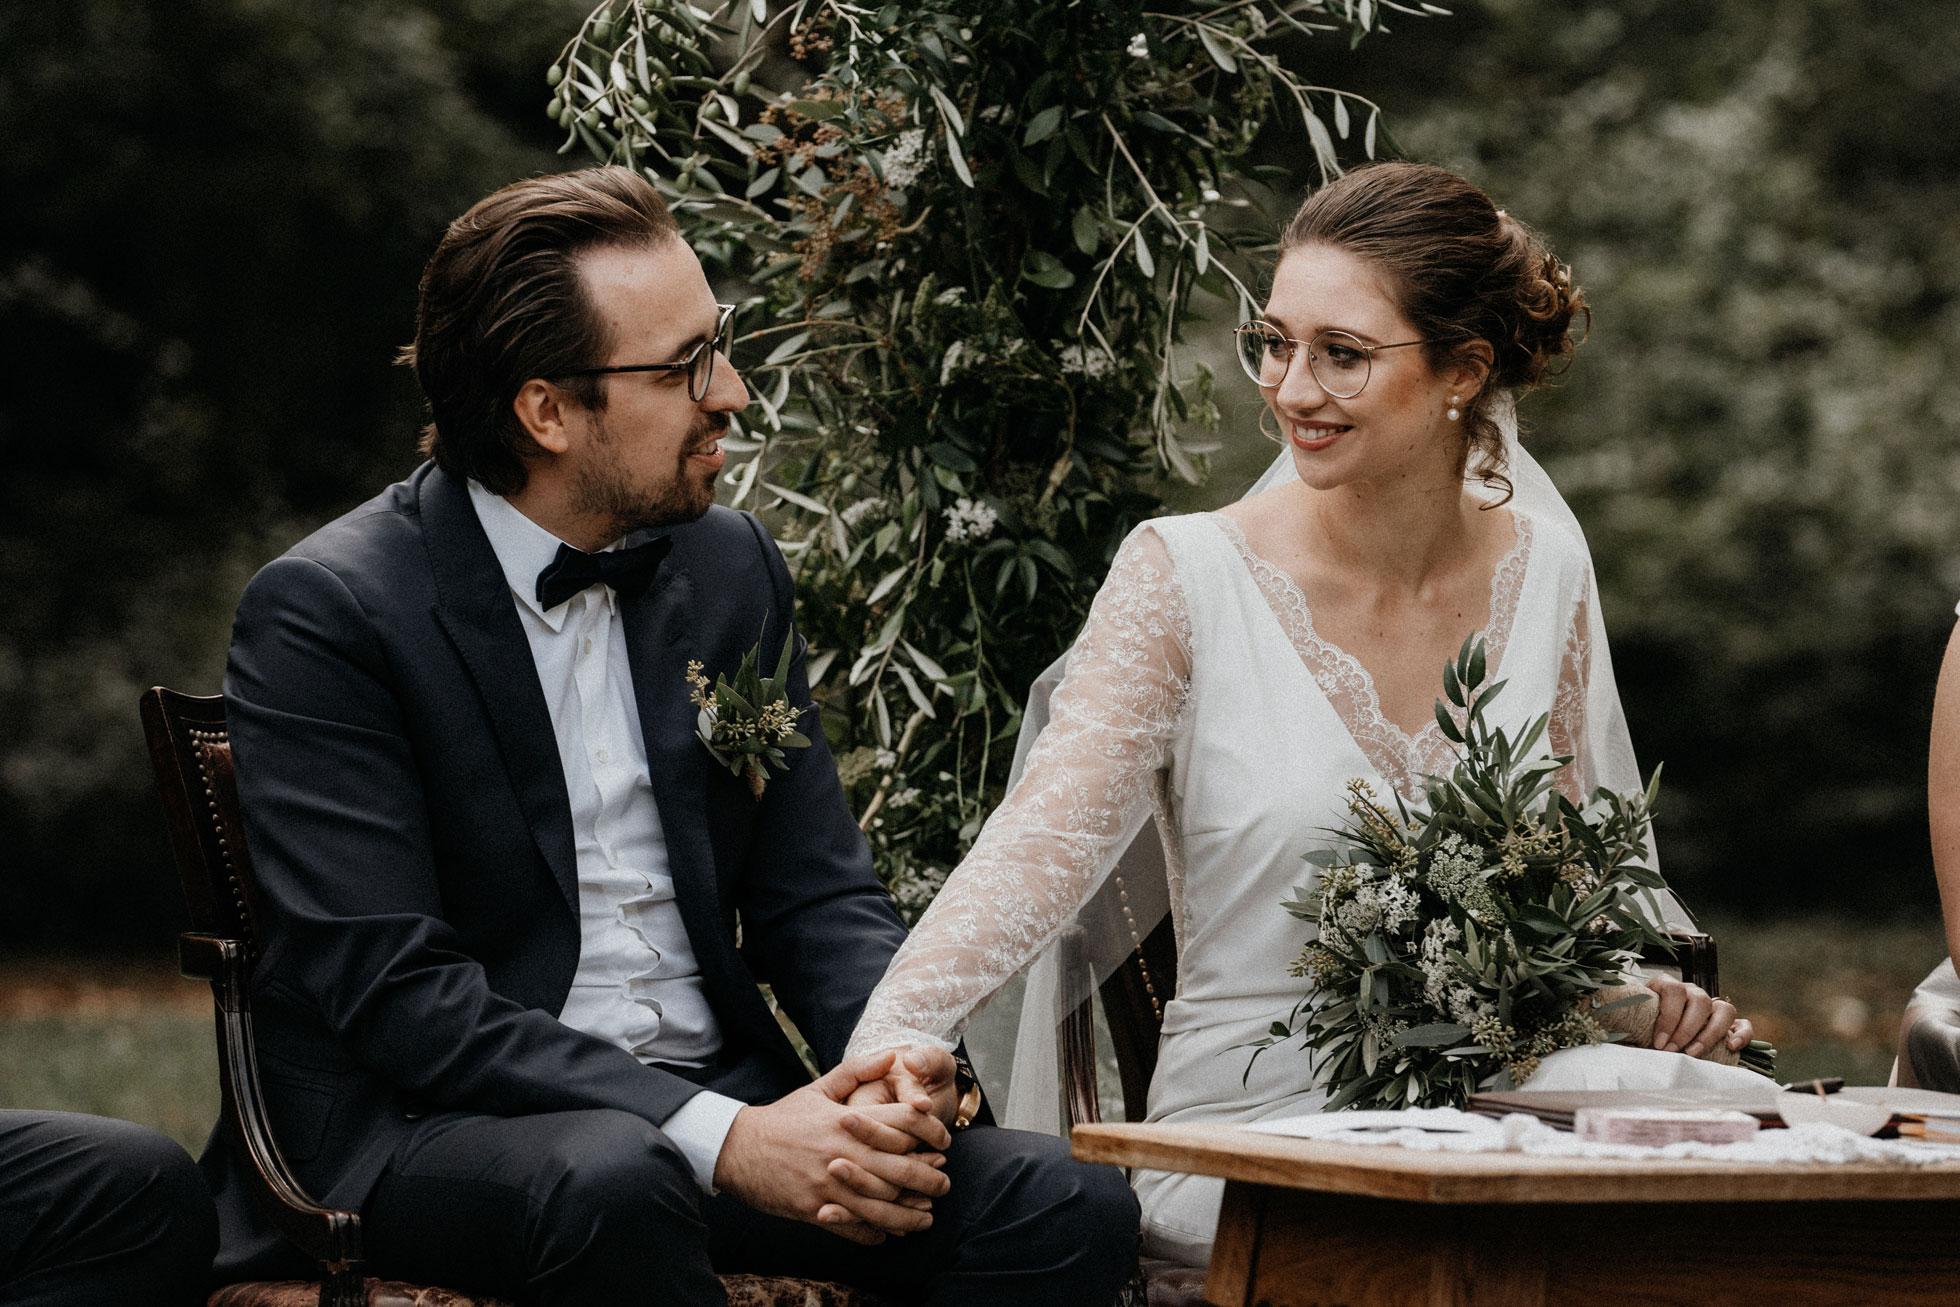 Hochzeit_Claire_Manuel_Villa_Maund_Daniel_Jenny-155.jpg